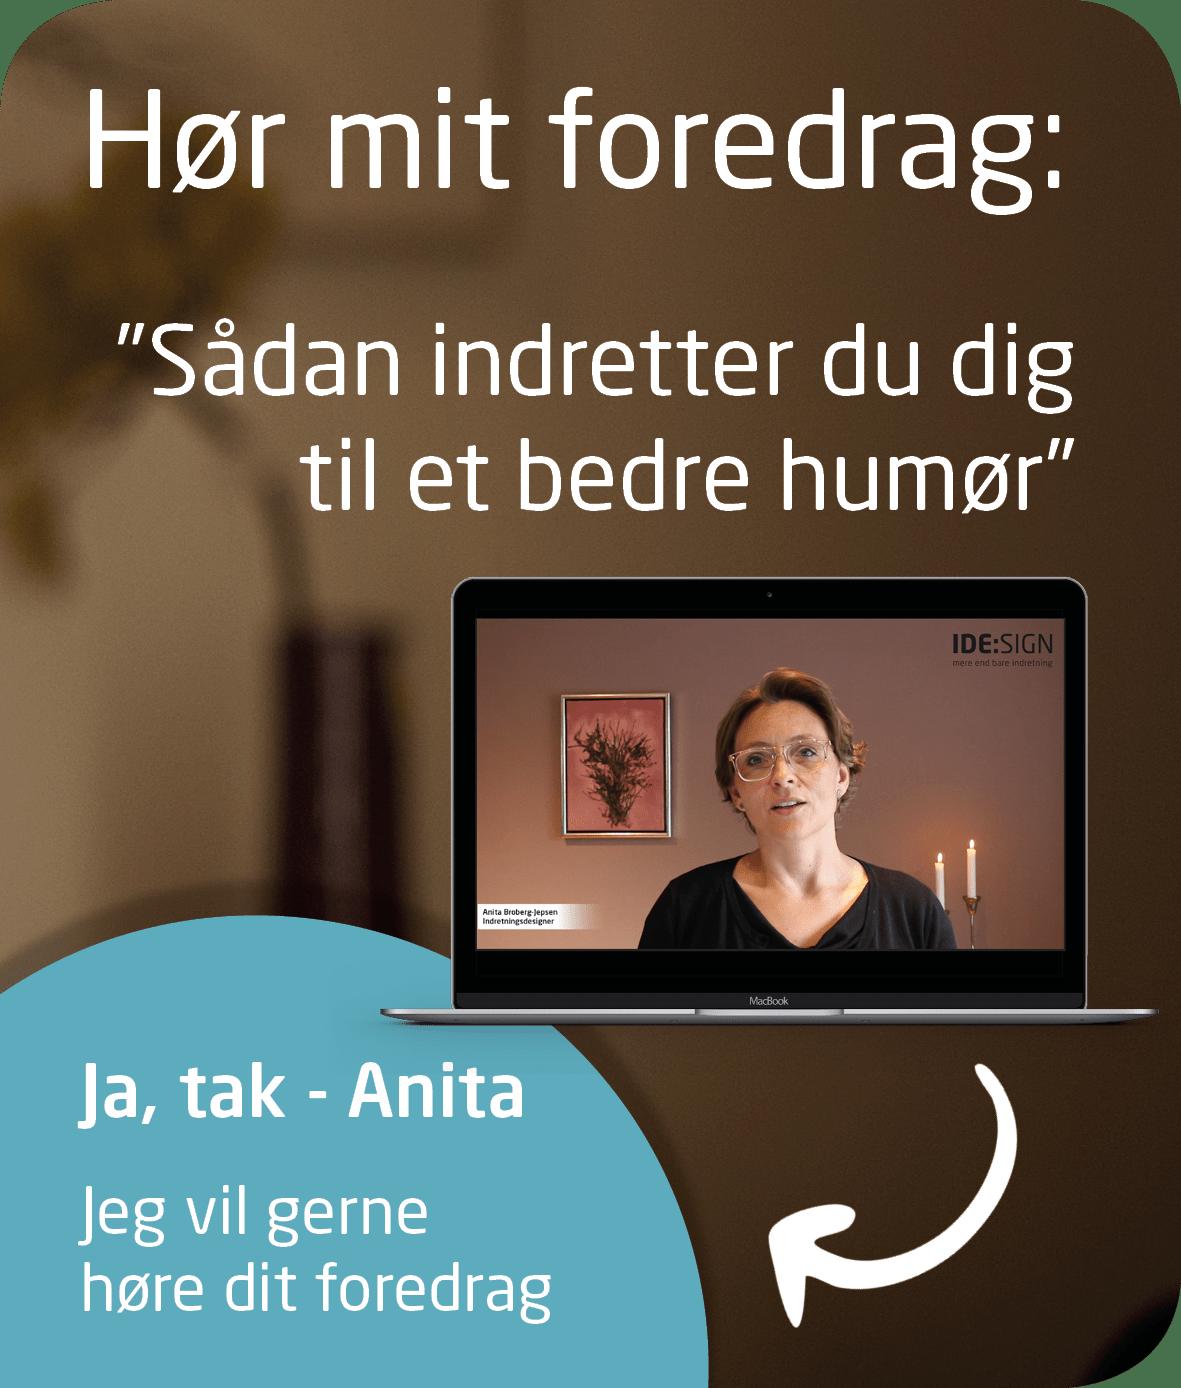 Få Anita's foredrag